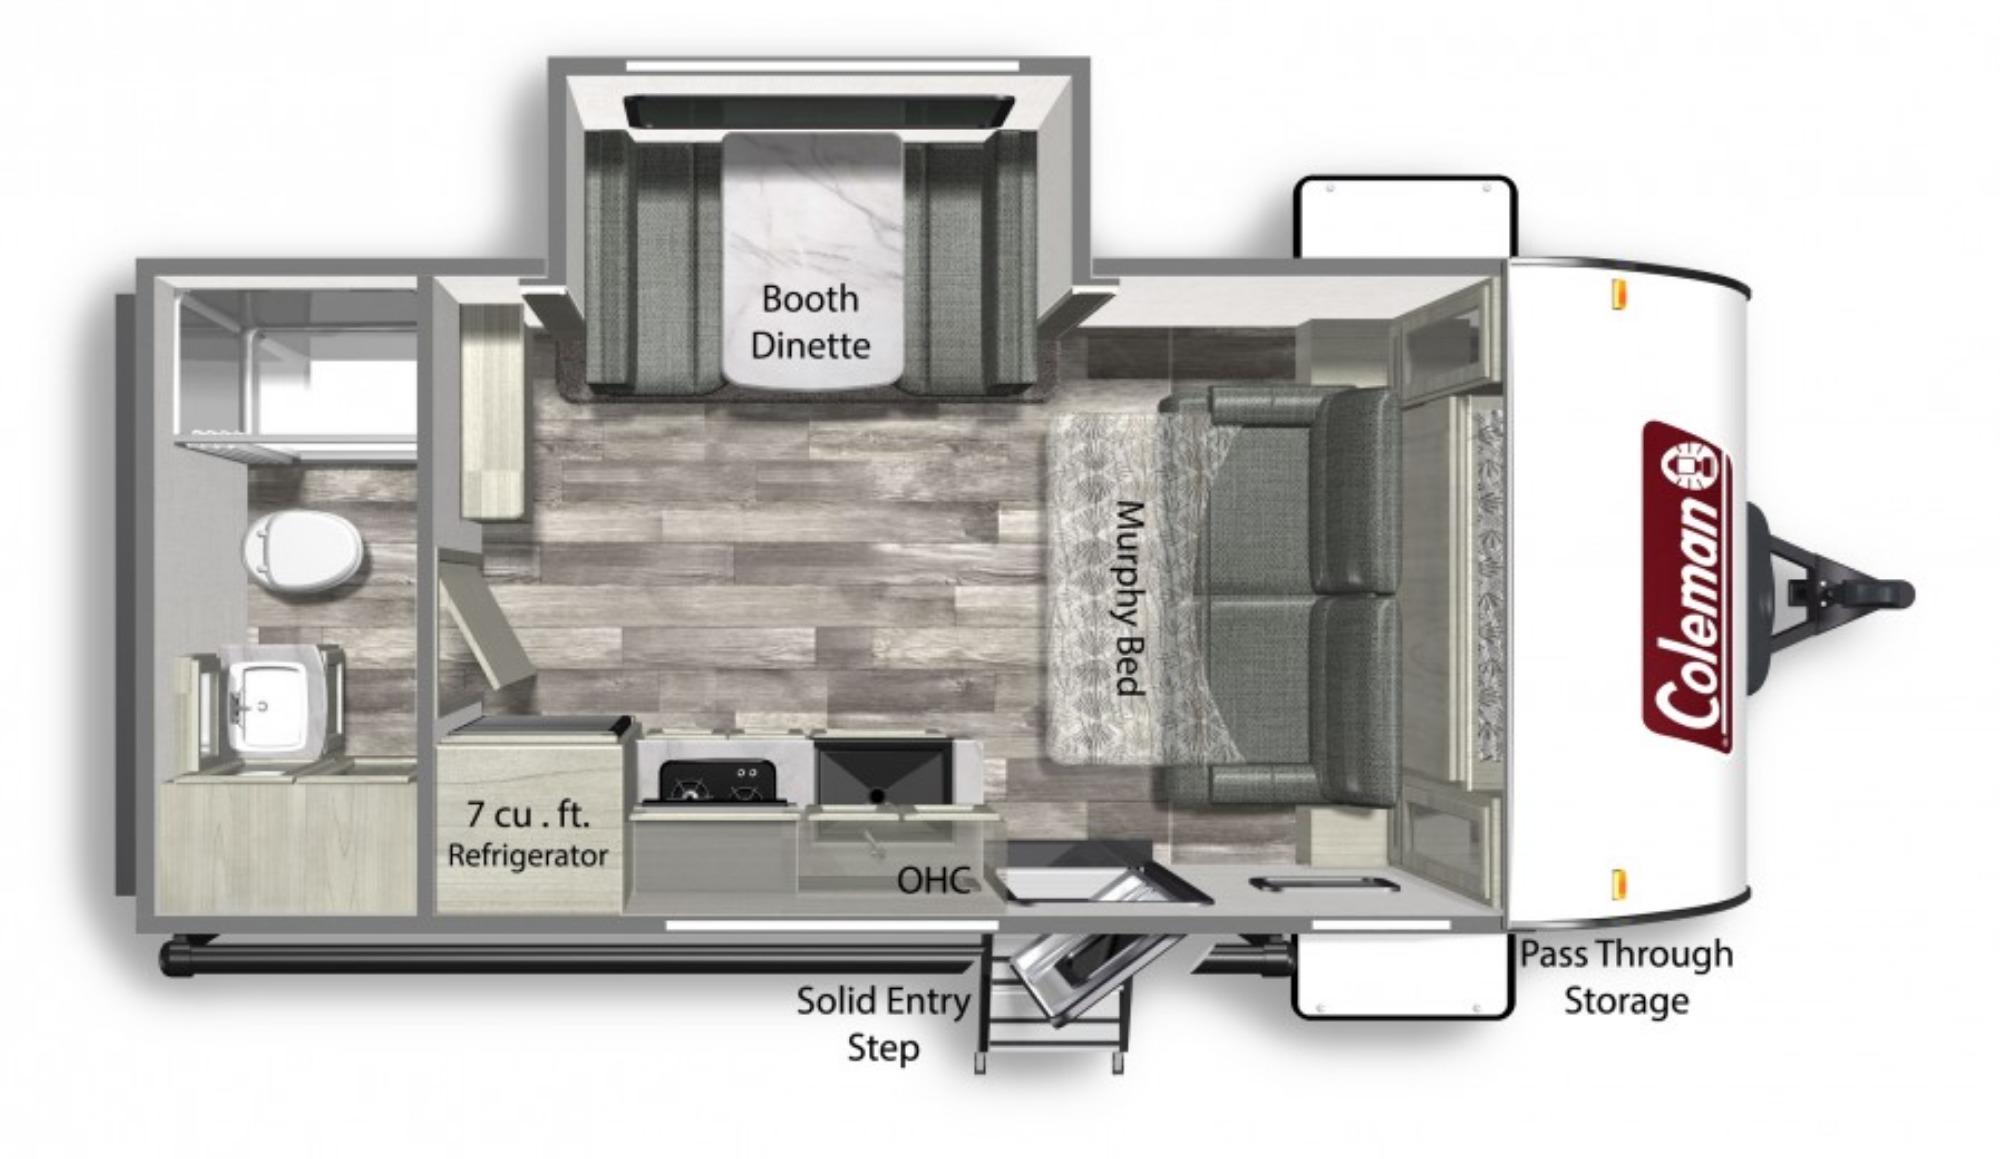 View Floor Plan for 2022 COLEMAN COLEMAN LIGHT 1855RB